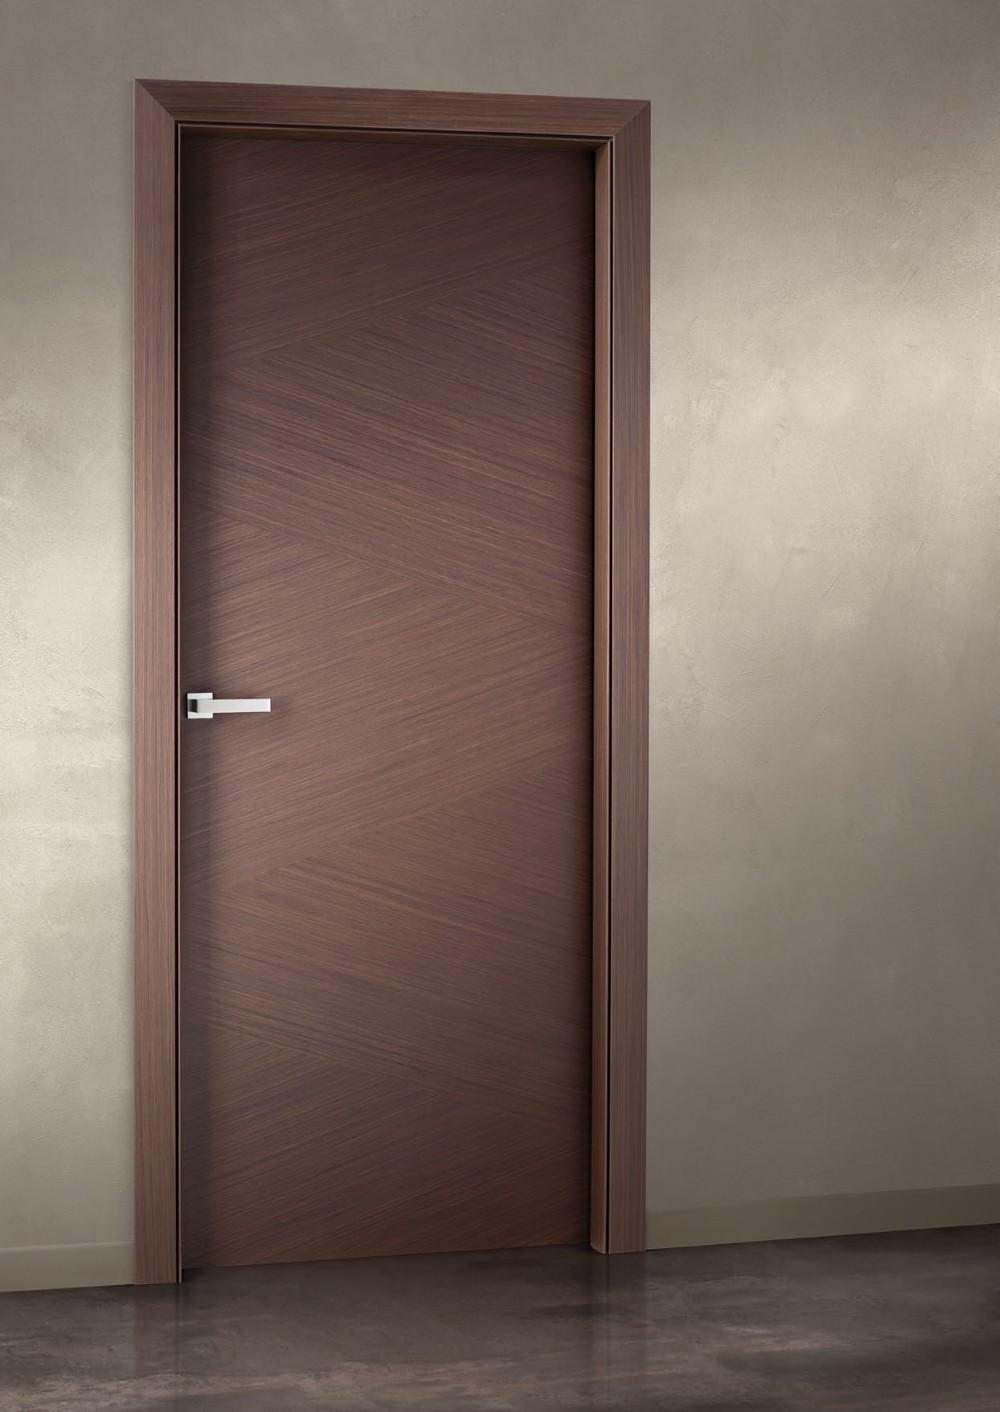 Natural Veneered Wooden Flush Door Design Mdf Living Room: Veneered Bedroom Flush Type Latest Wooden Doors Design